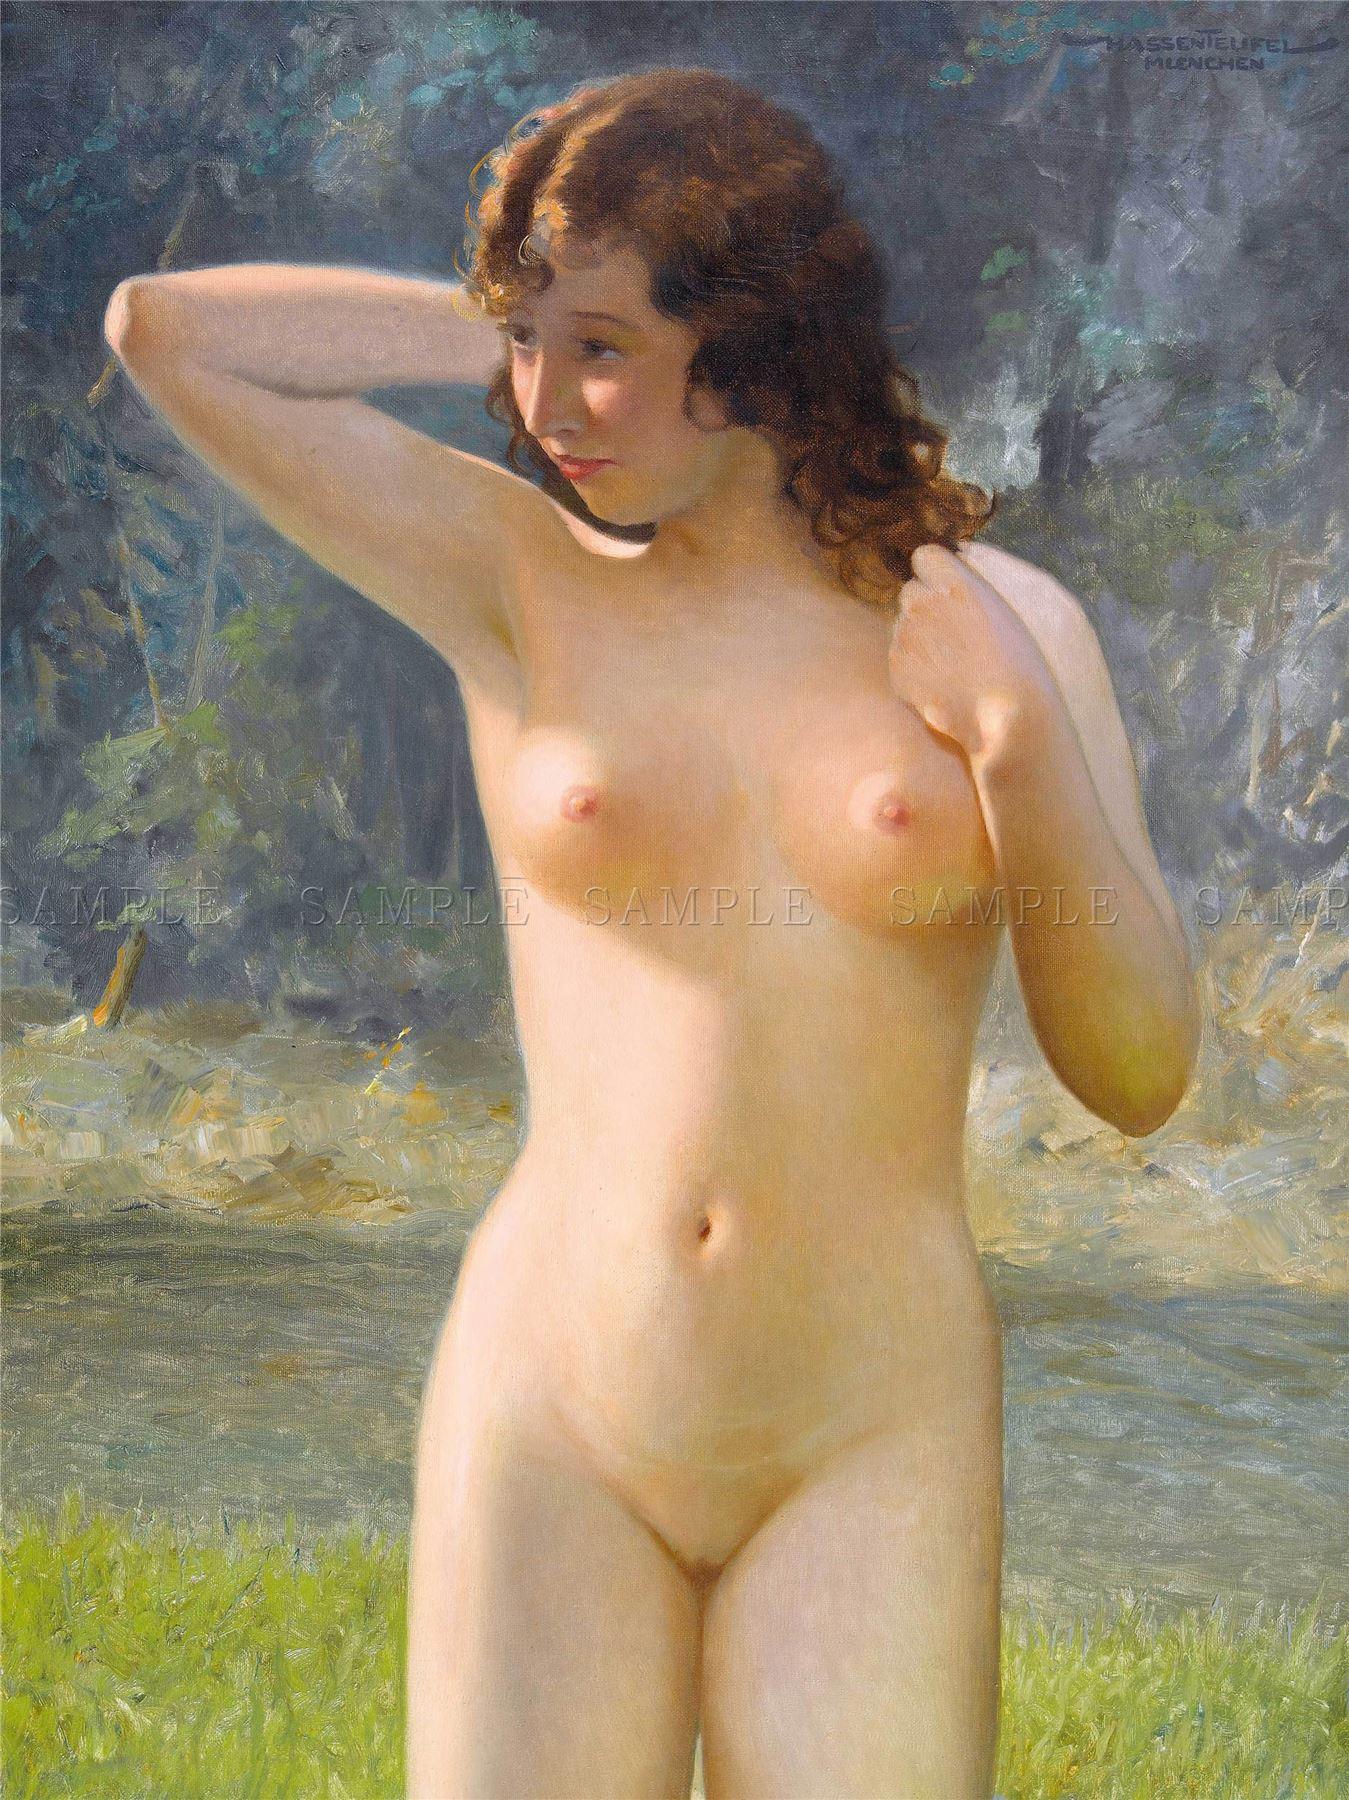 Une femme enceinte et nue passe presque inaperue dans le